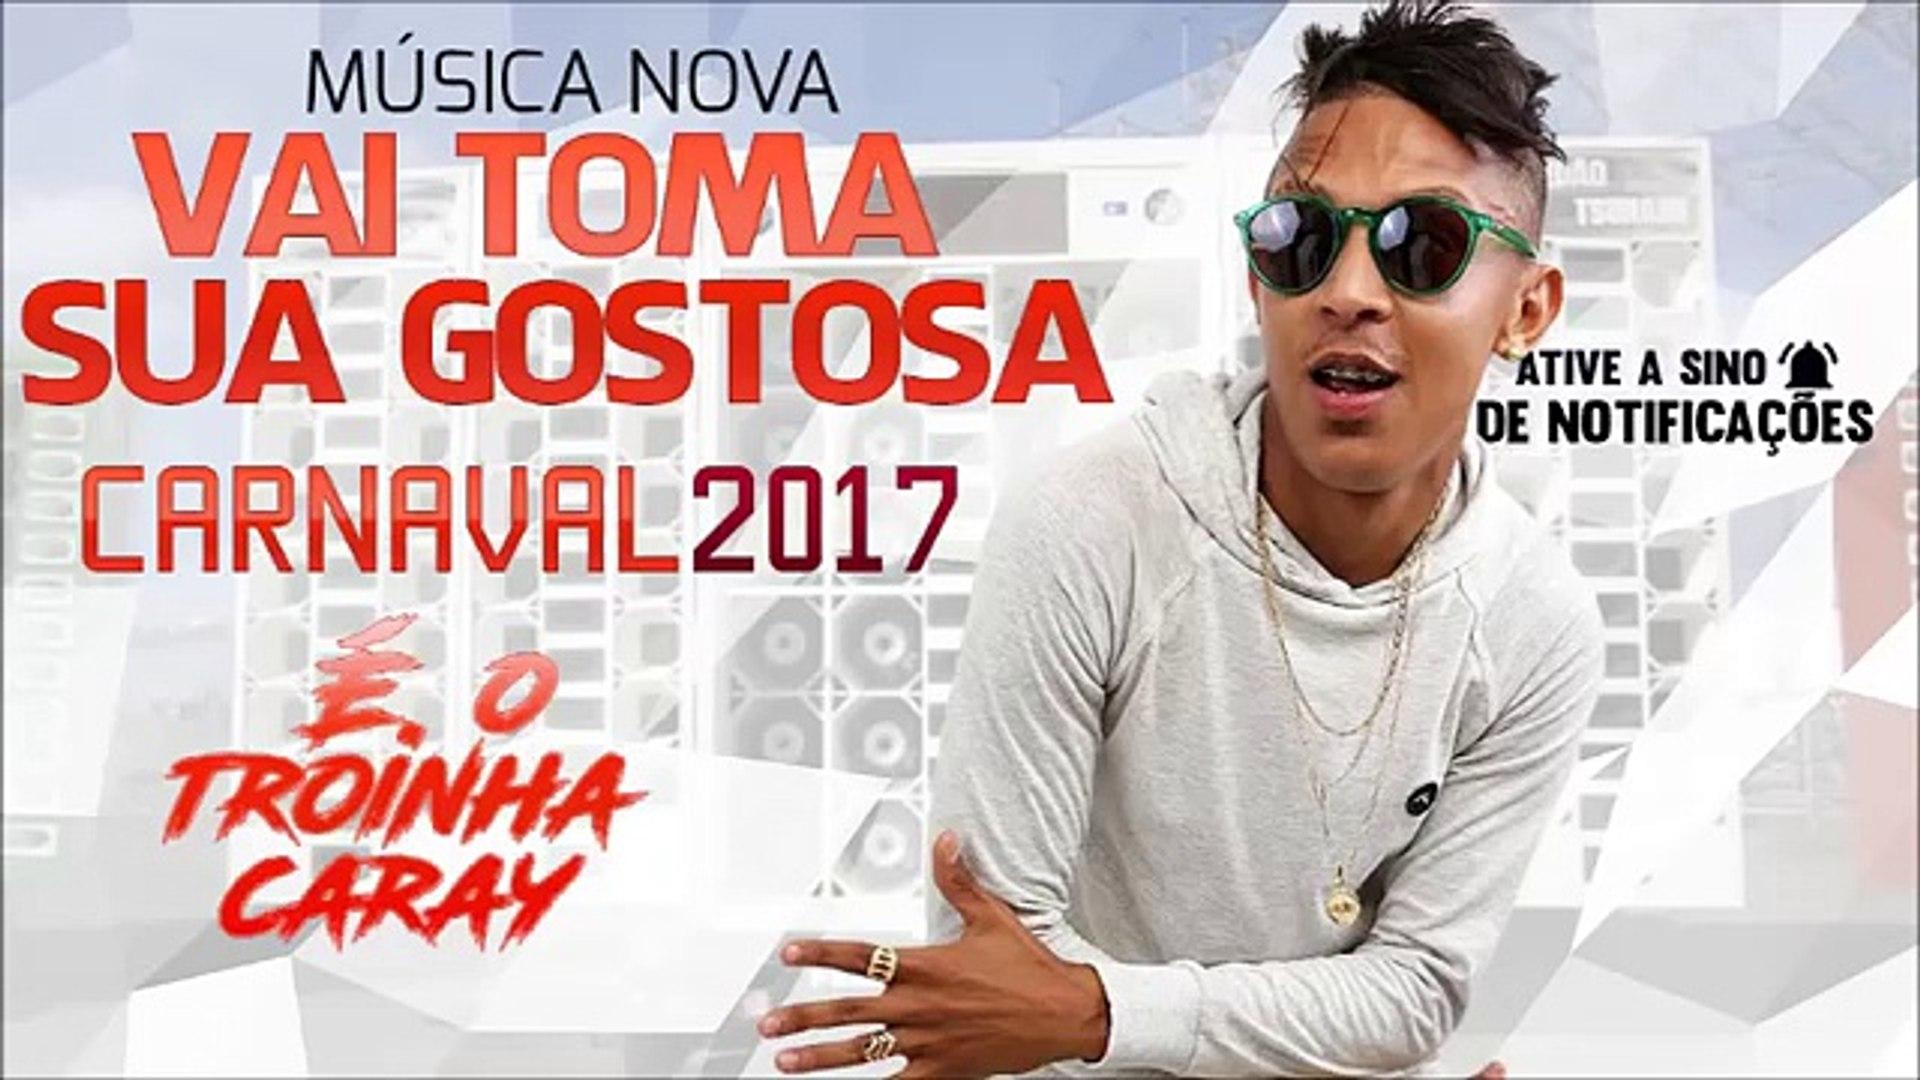 MC TRÓIA - VAI TOMA SUA GOSTOSA - MÚSICA NOVA 2017